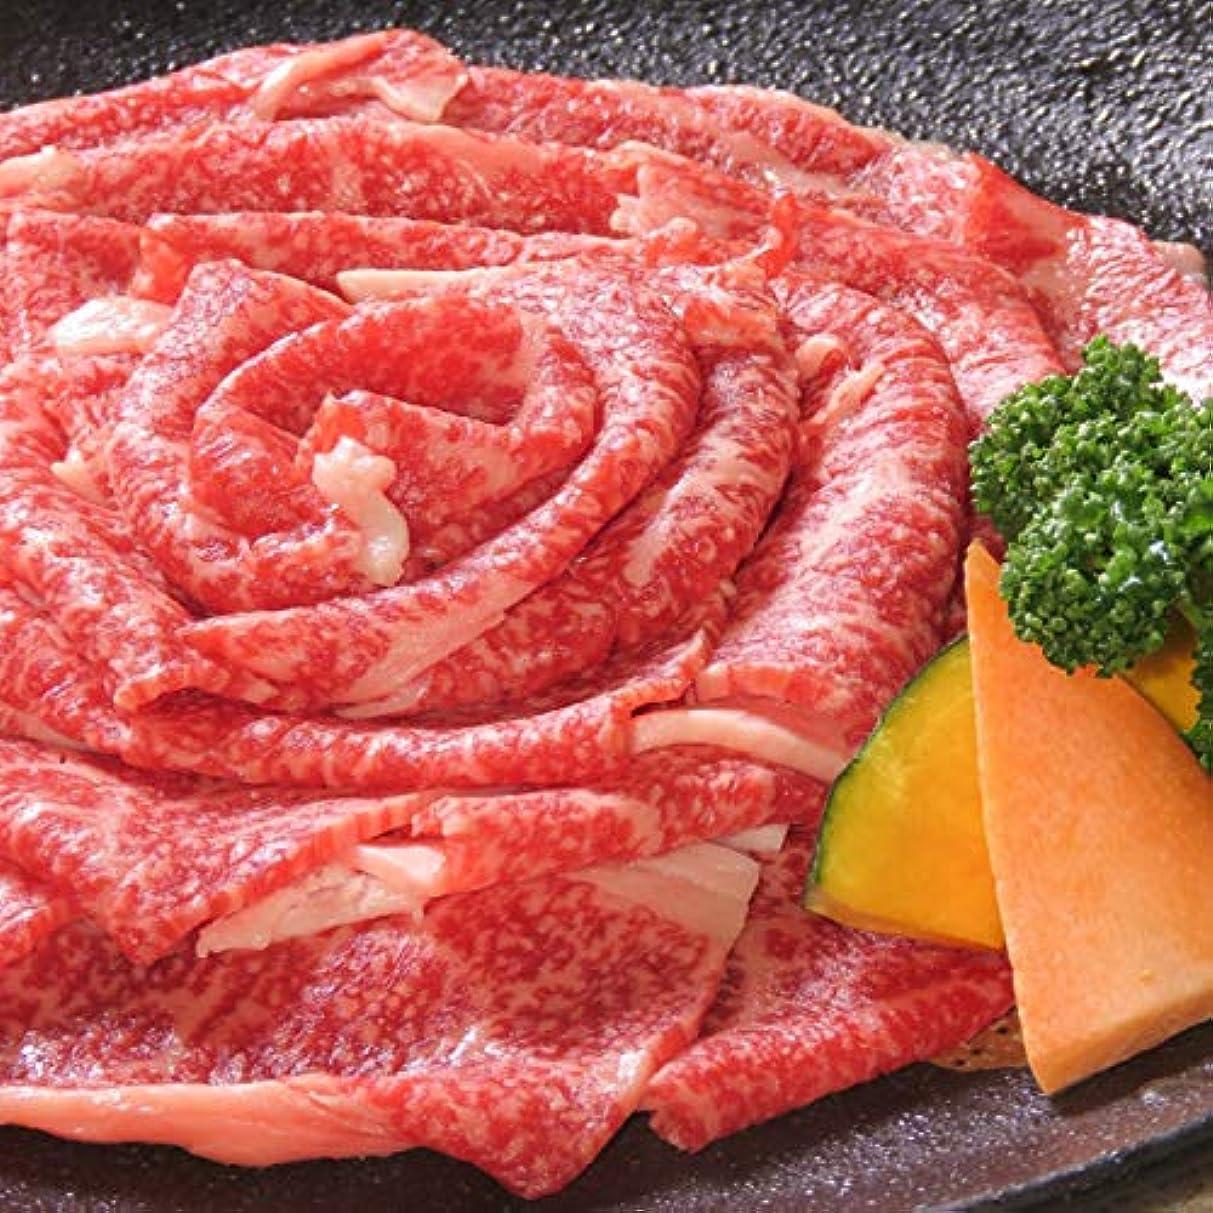 ゆりかご投げ捨てるスナップ【米沢牛卸 肉の上杉】 米沢牛 ブリスケ 焼肉用 300g ギフト用化粧箱